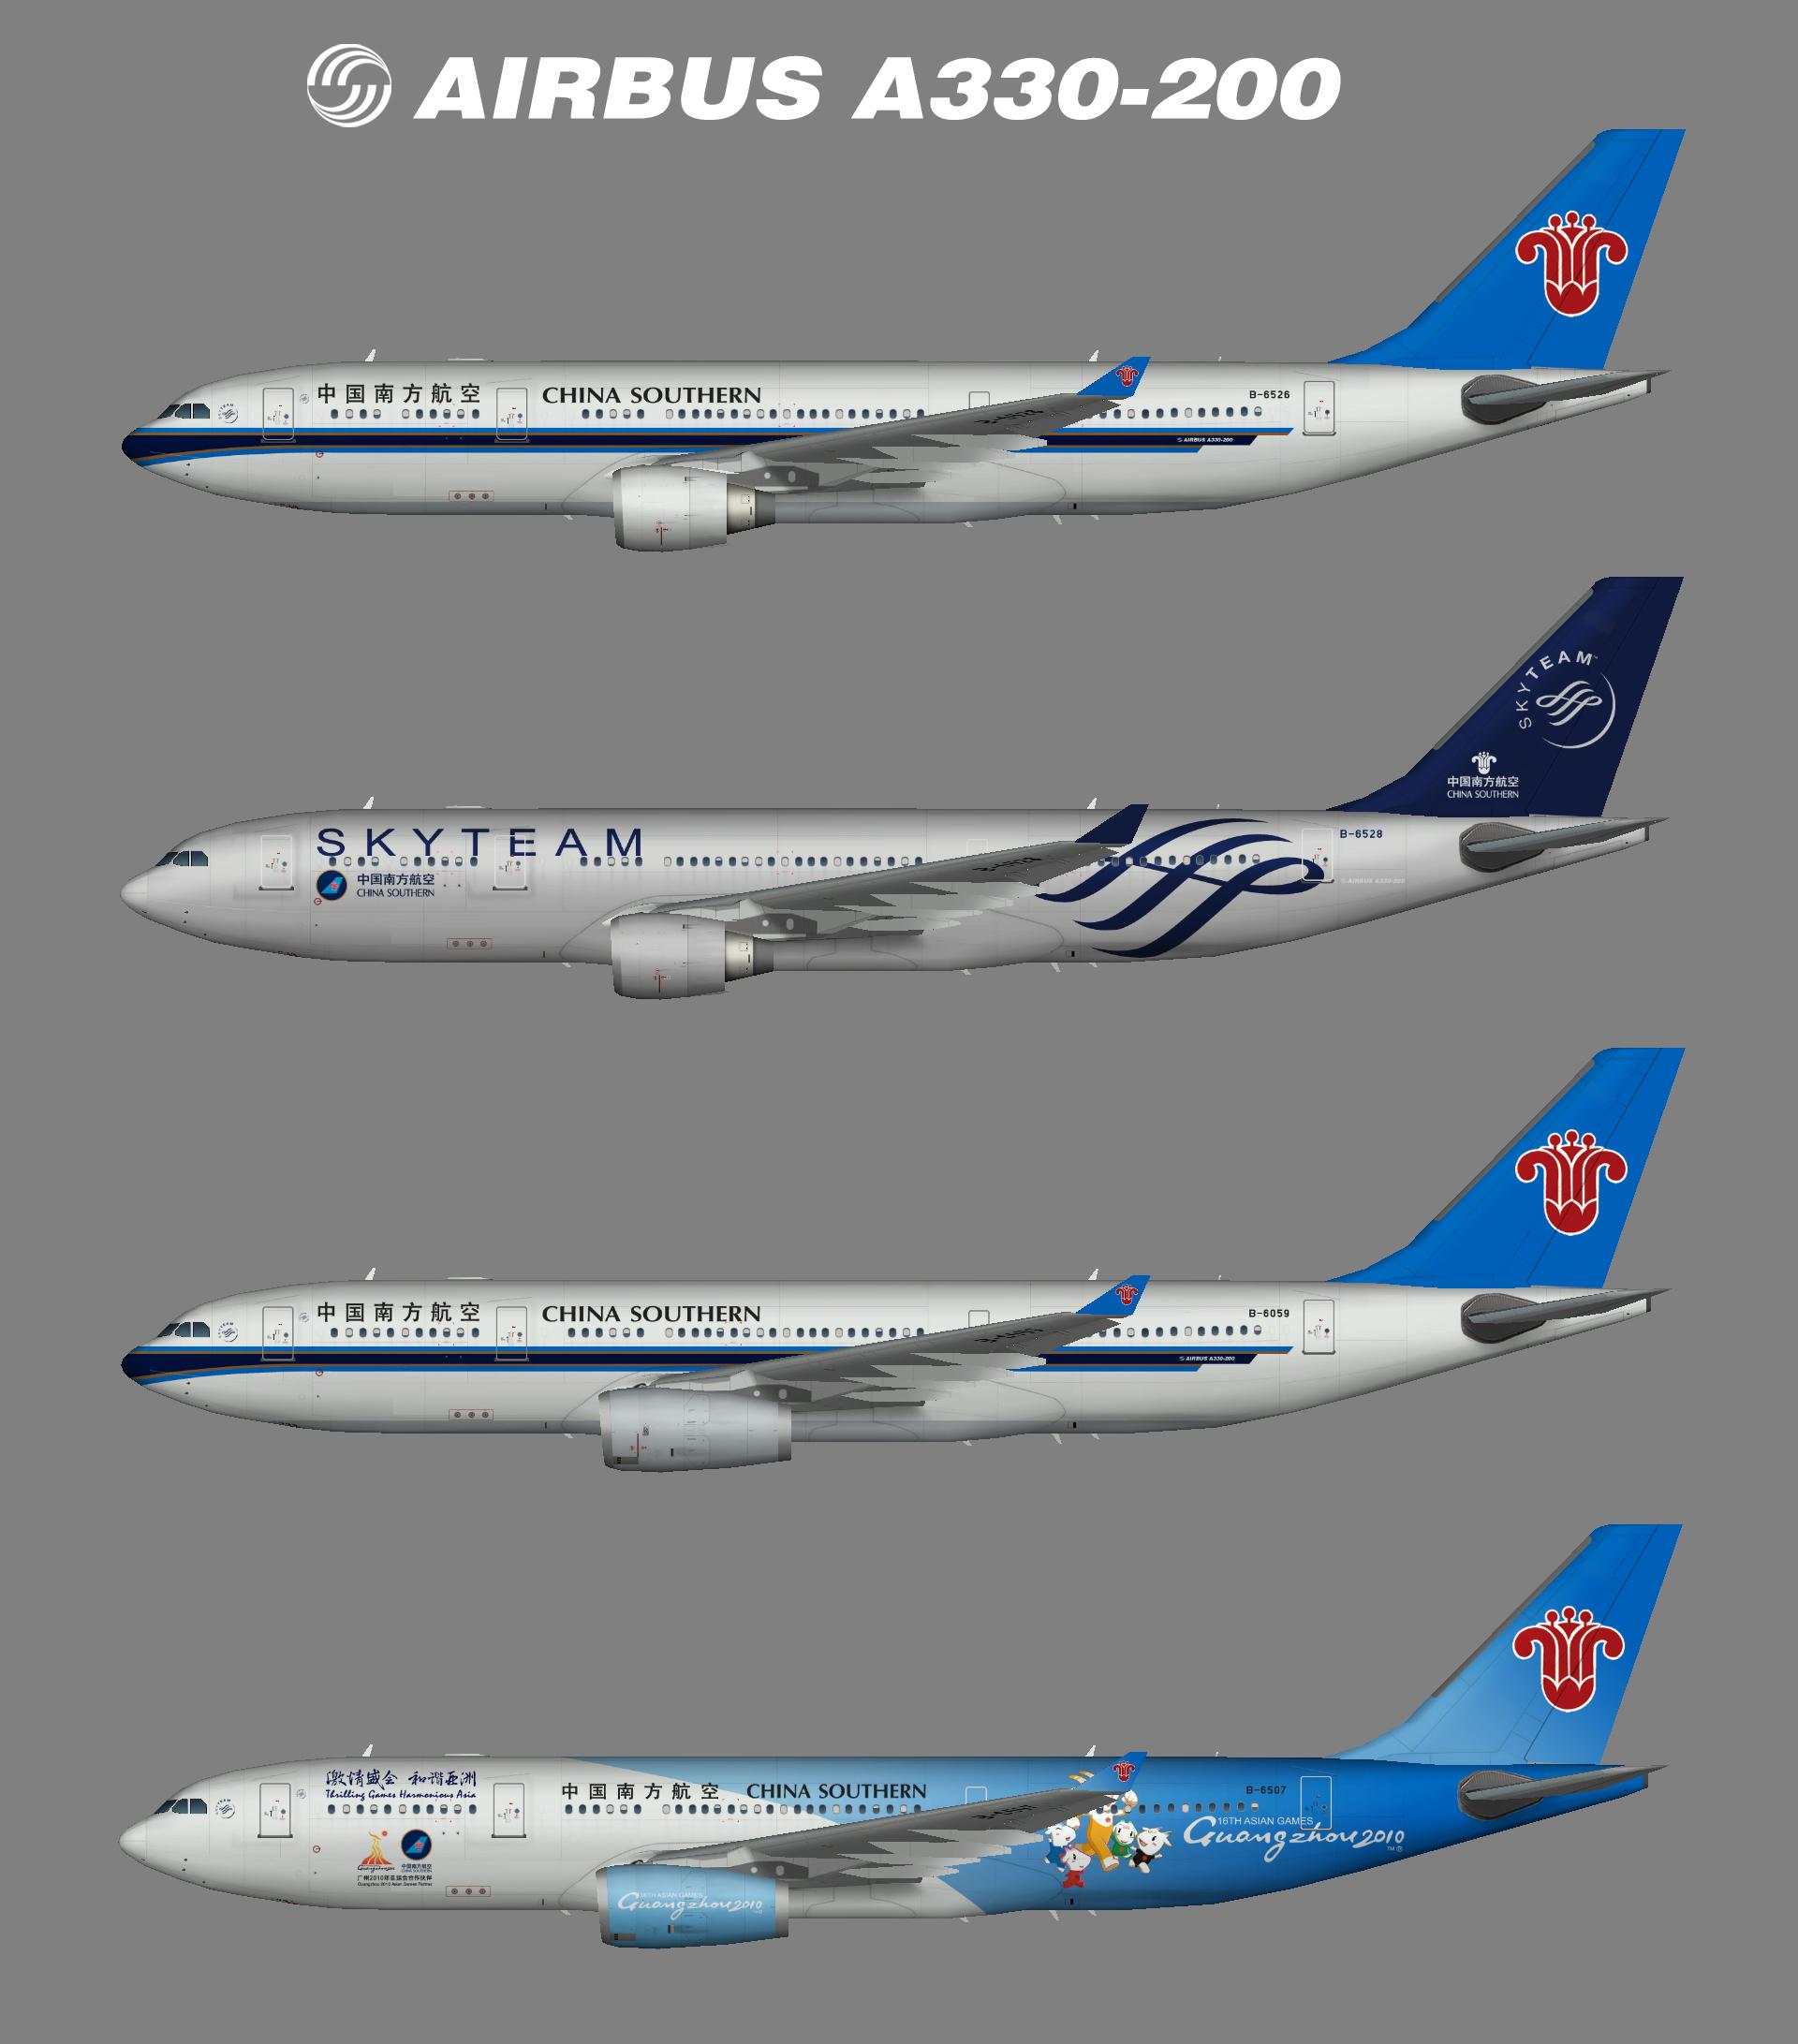 China Southern A330-200